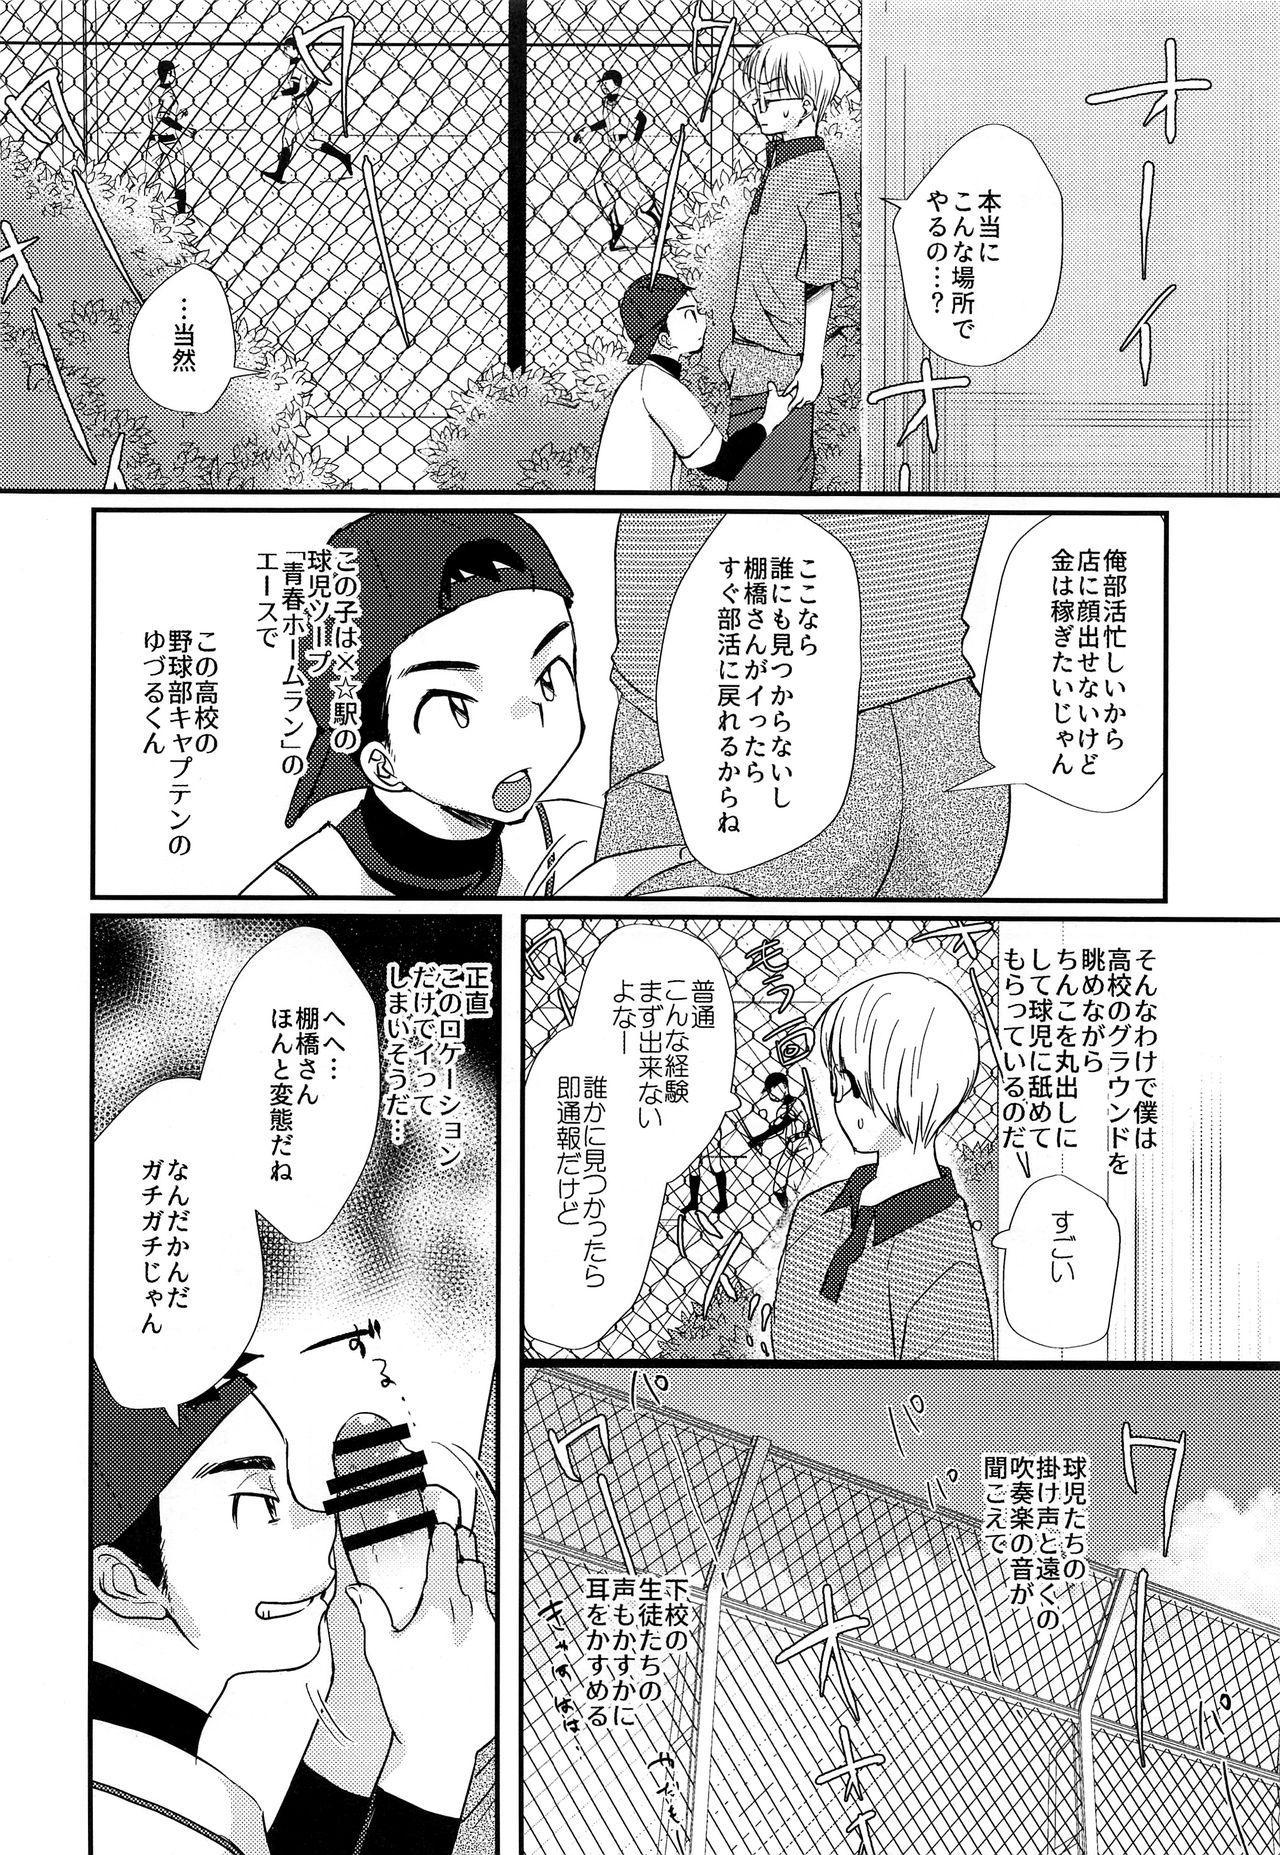 Tokumori! Shota Fuuzoku Saizensen 15